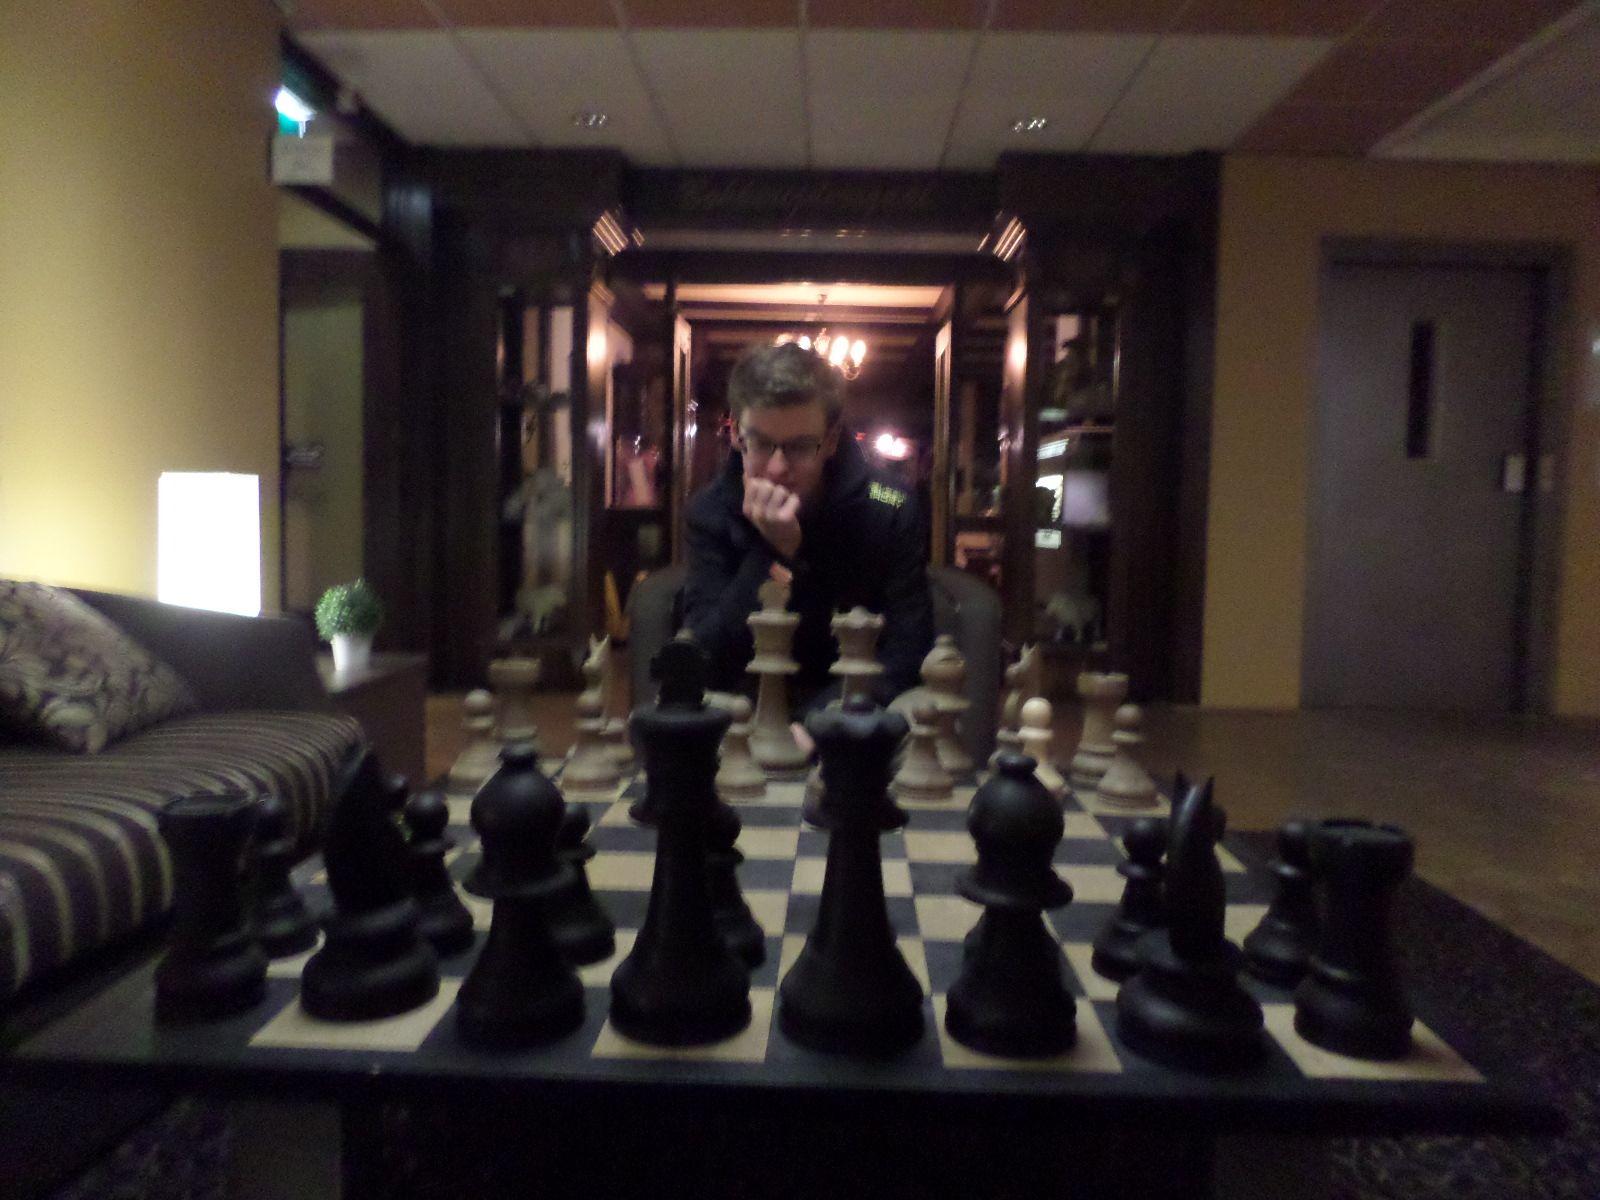 Concept 1 - illusies: Hier lijkt de jongen heel klein ten opzichte van het schaakspel.